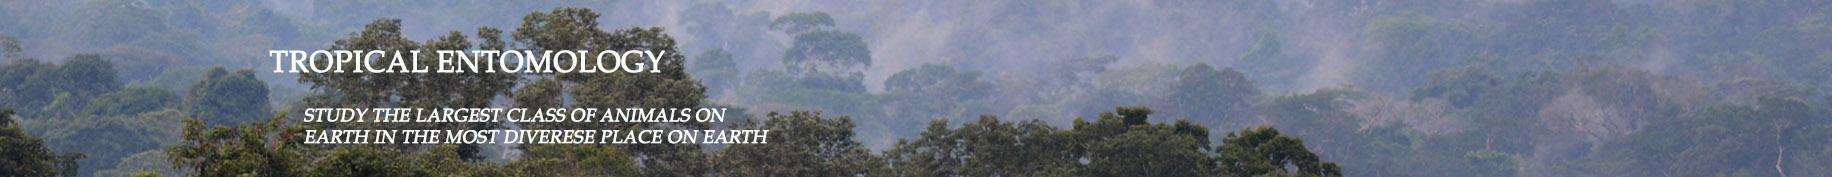 TropicalEntomologyTitle